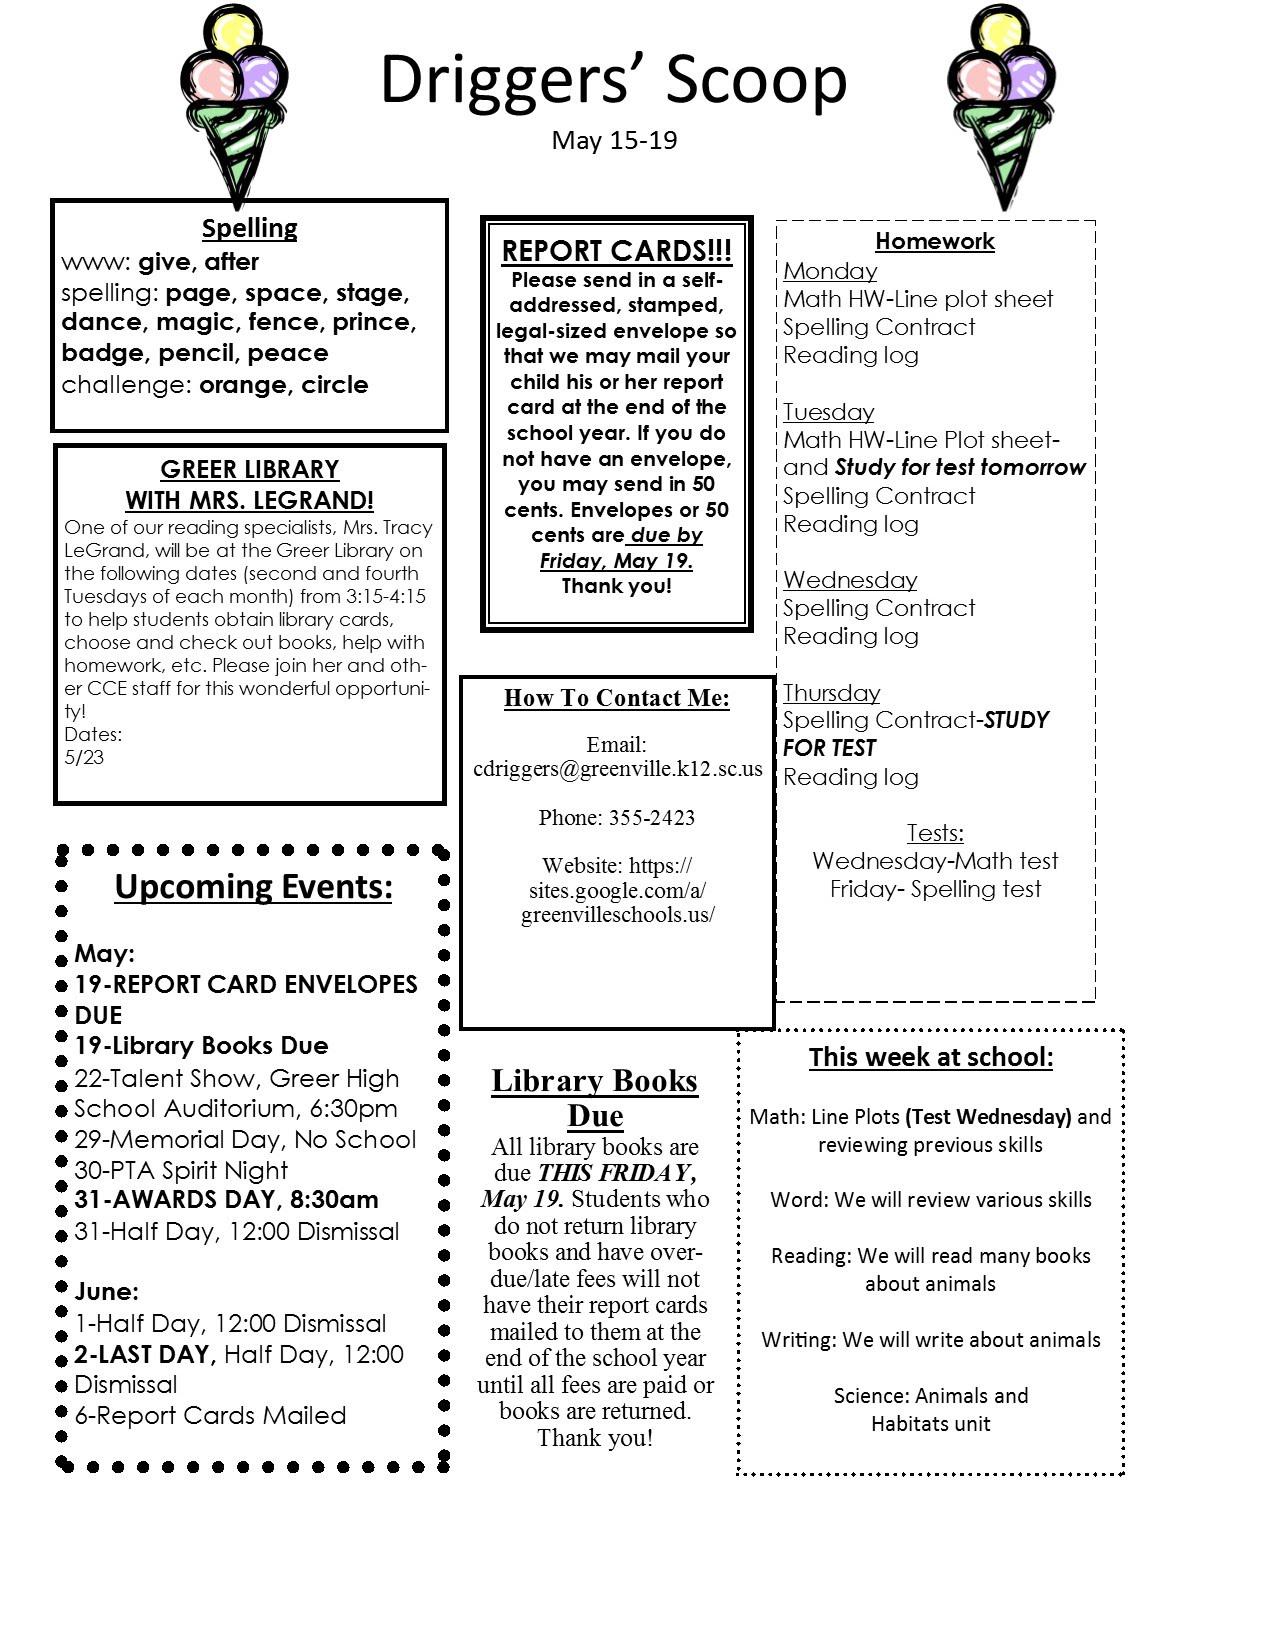 Cool Www.math Tests.com Images - Math Worksheets - modopol.com